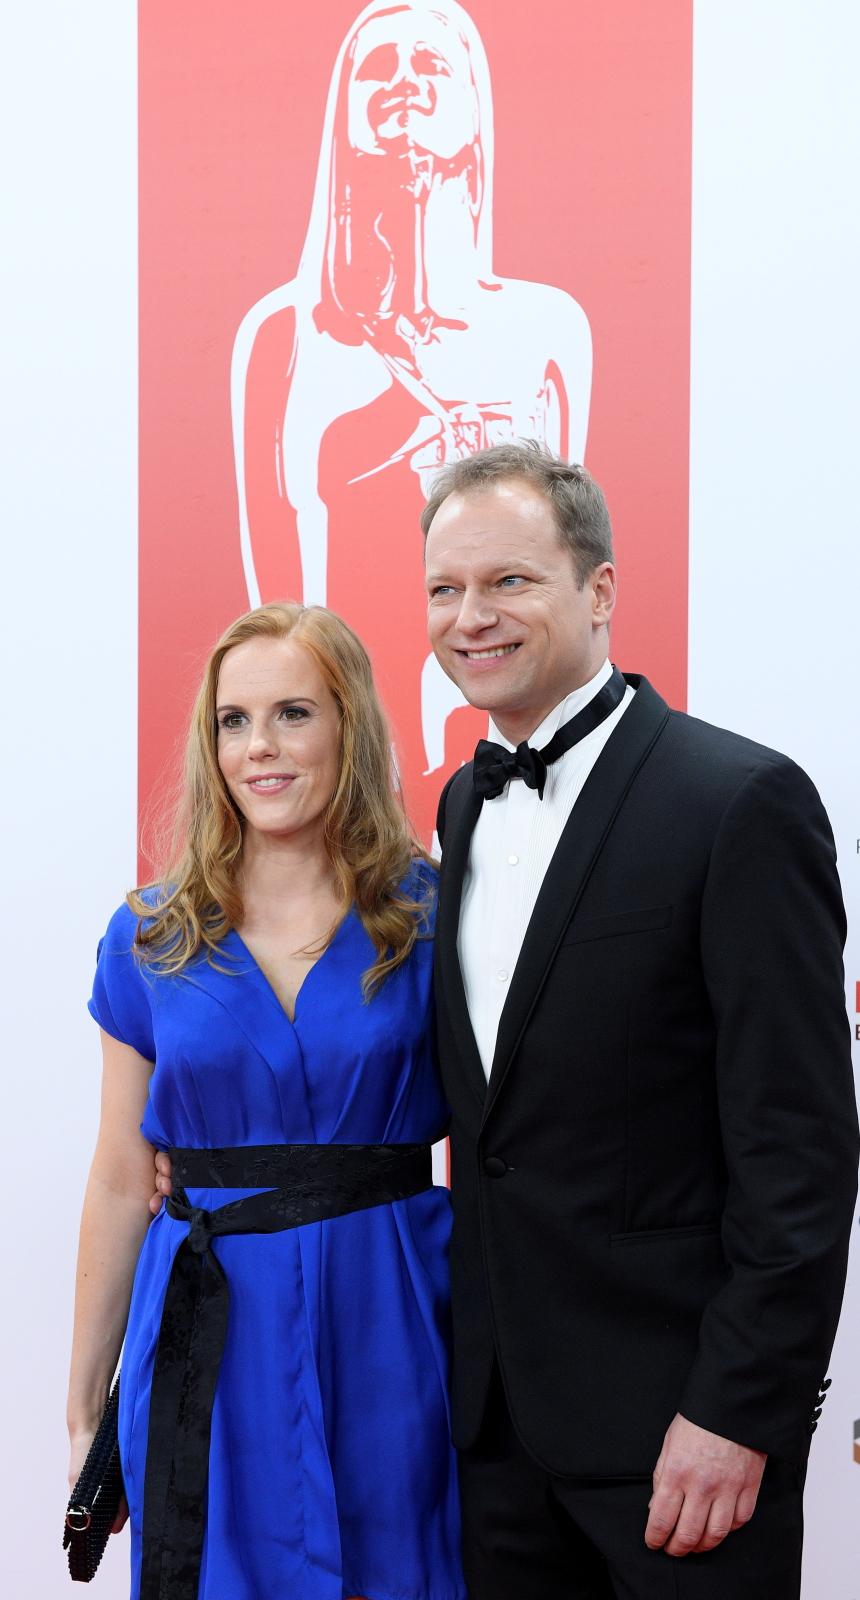 Maciej Stuhr i Katarzyna Błażejewska na gali Europejskie Nagrody Filmowe we Wrocławiu